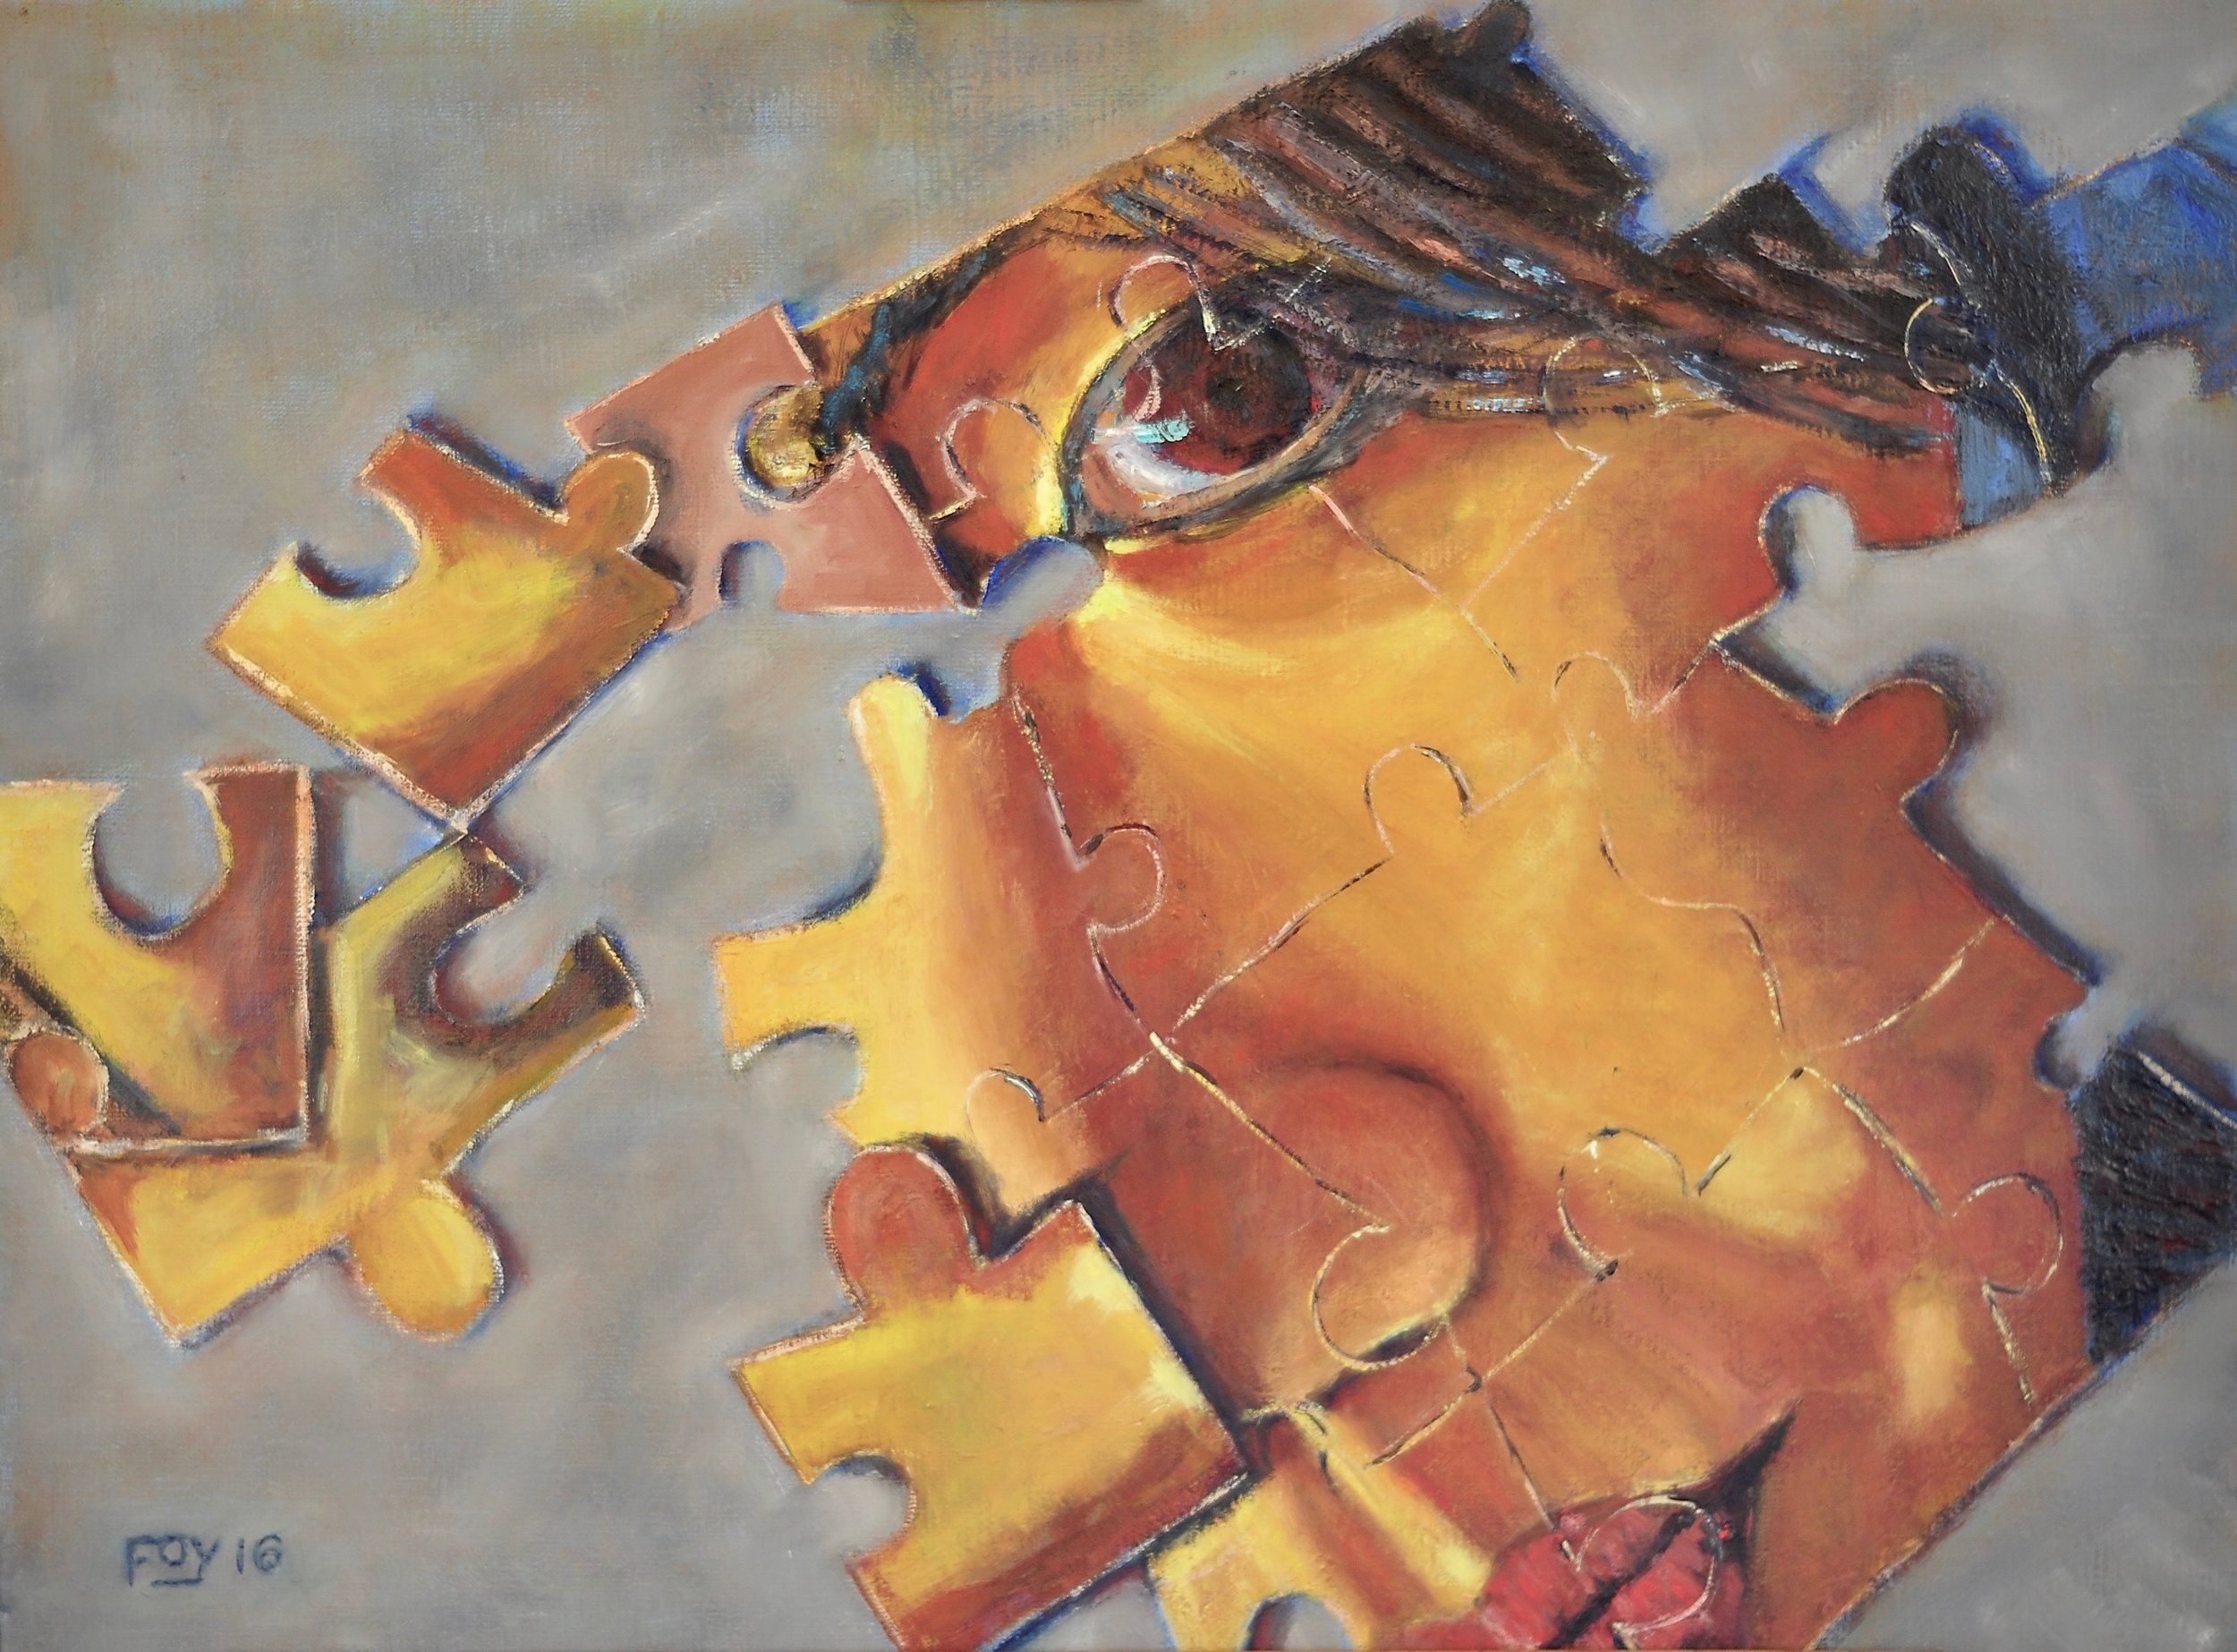 2016 jigsaw face.jpg